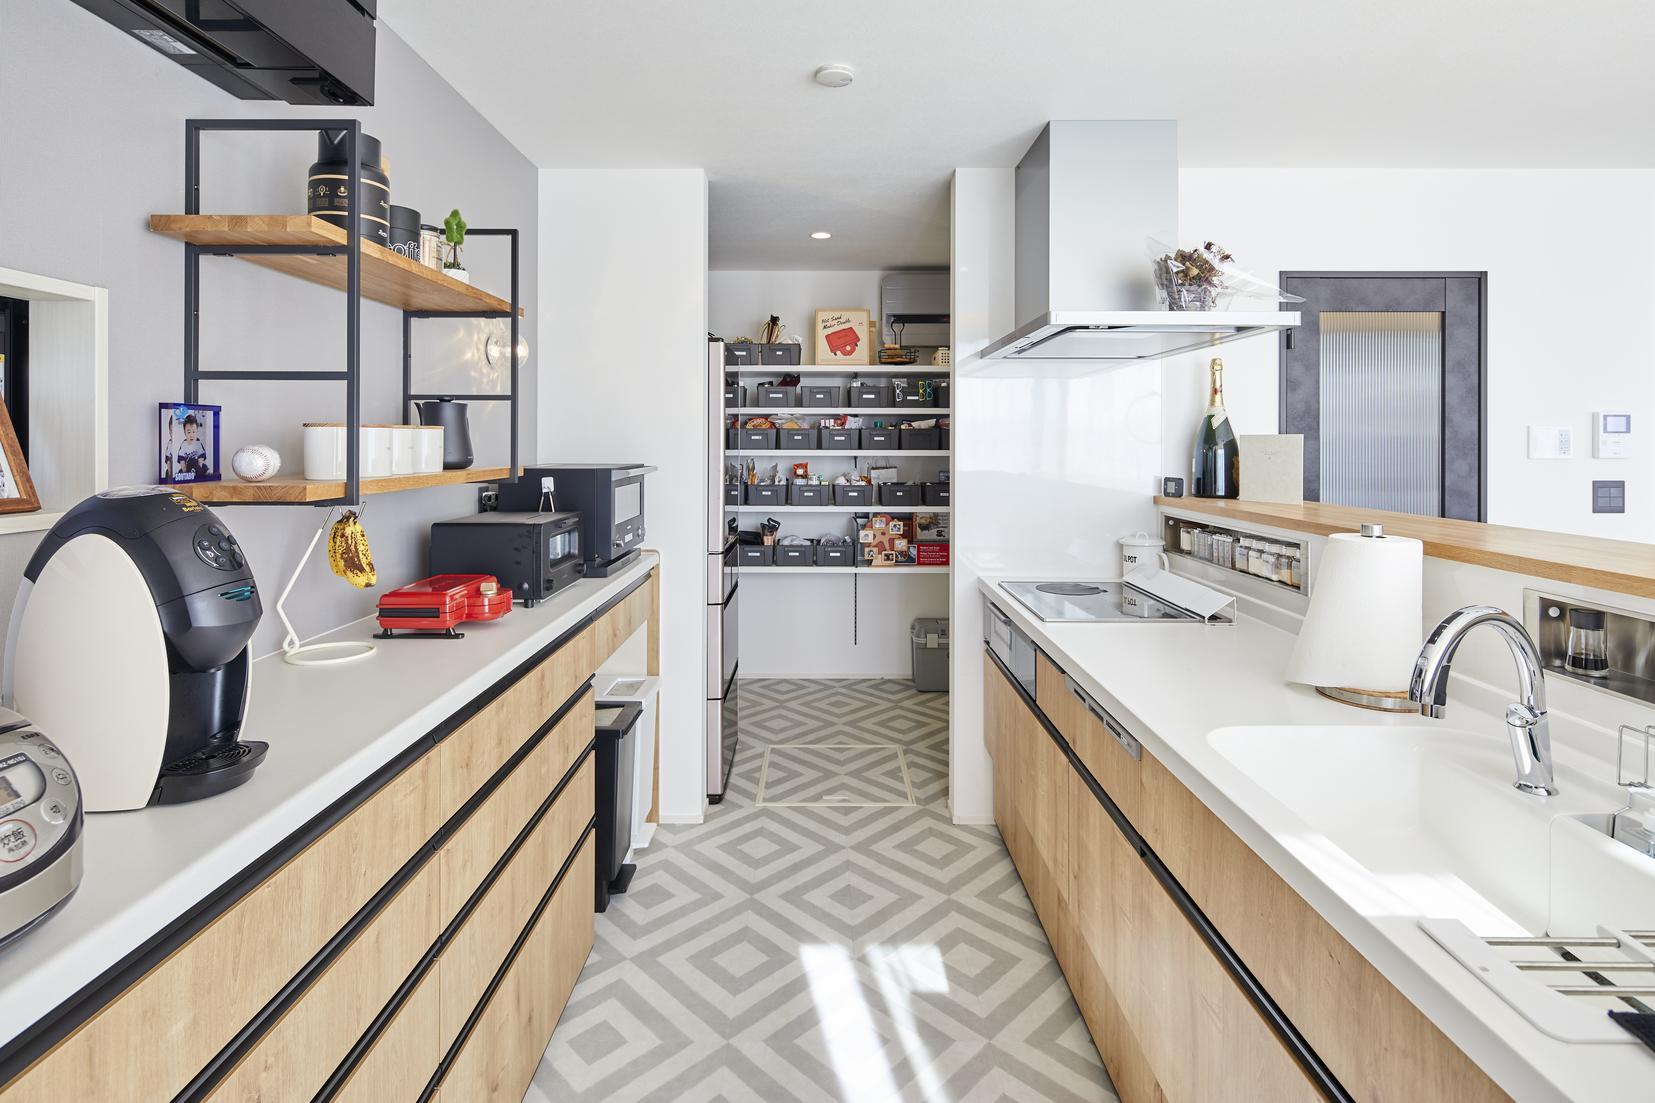 キッチンは奥様好みの幾何学デザインに。パントリーも併設しており、使い勝手が良く収納力も高い